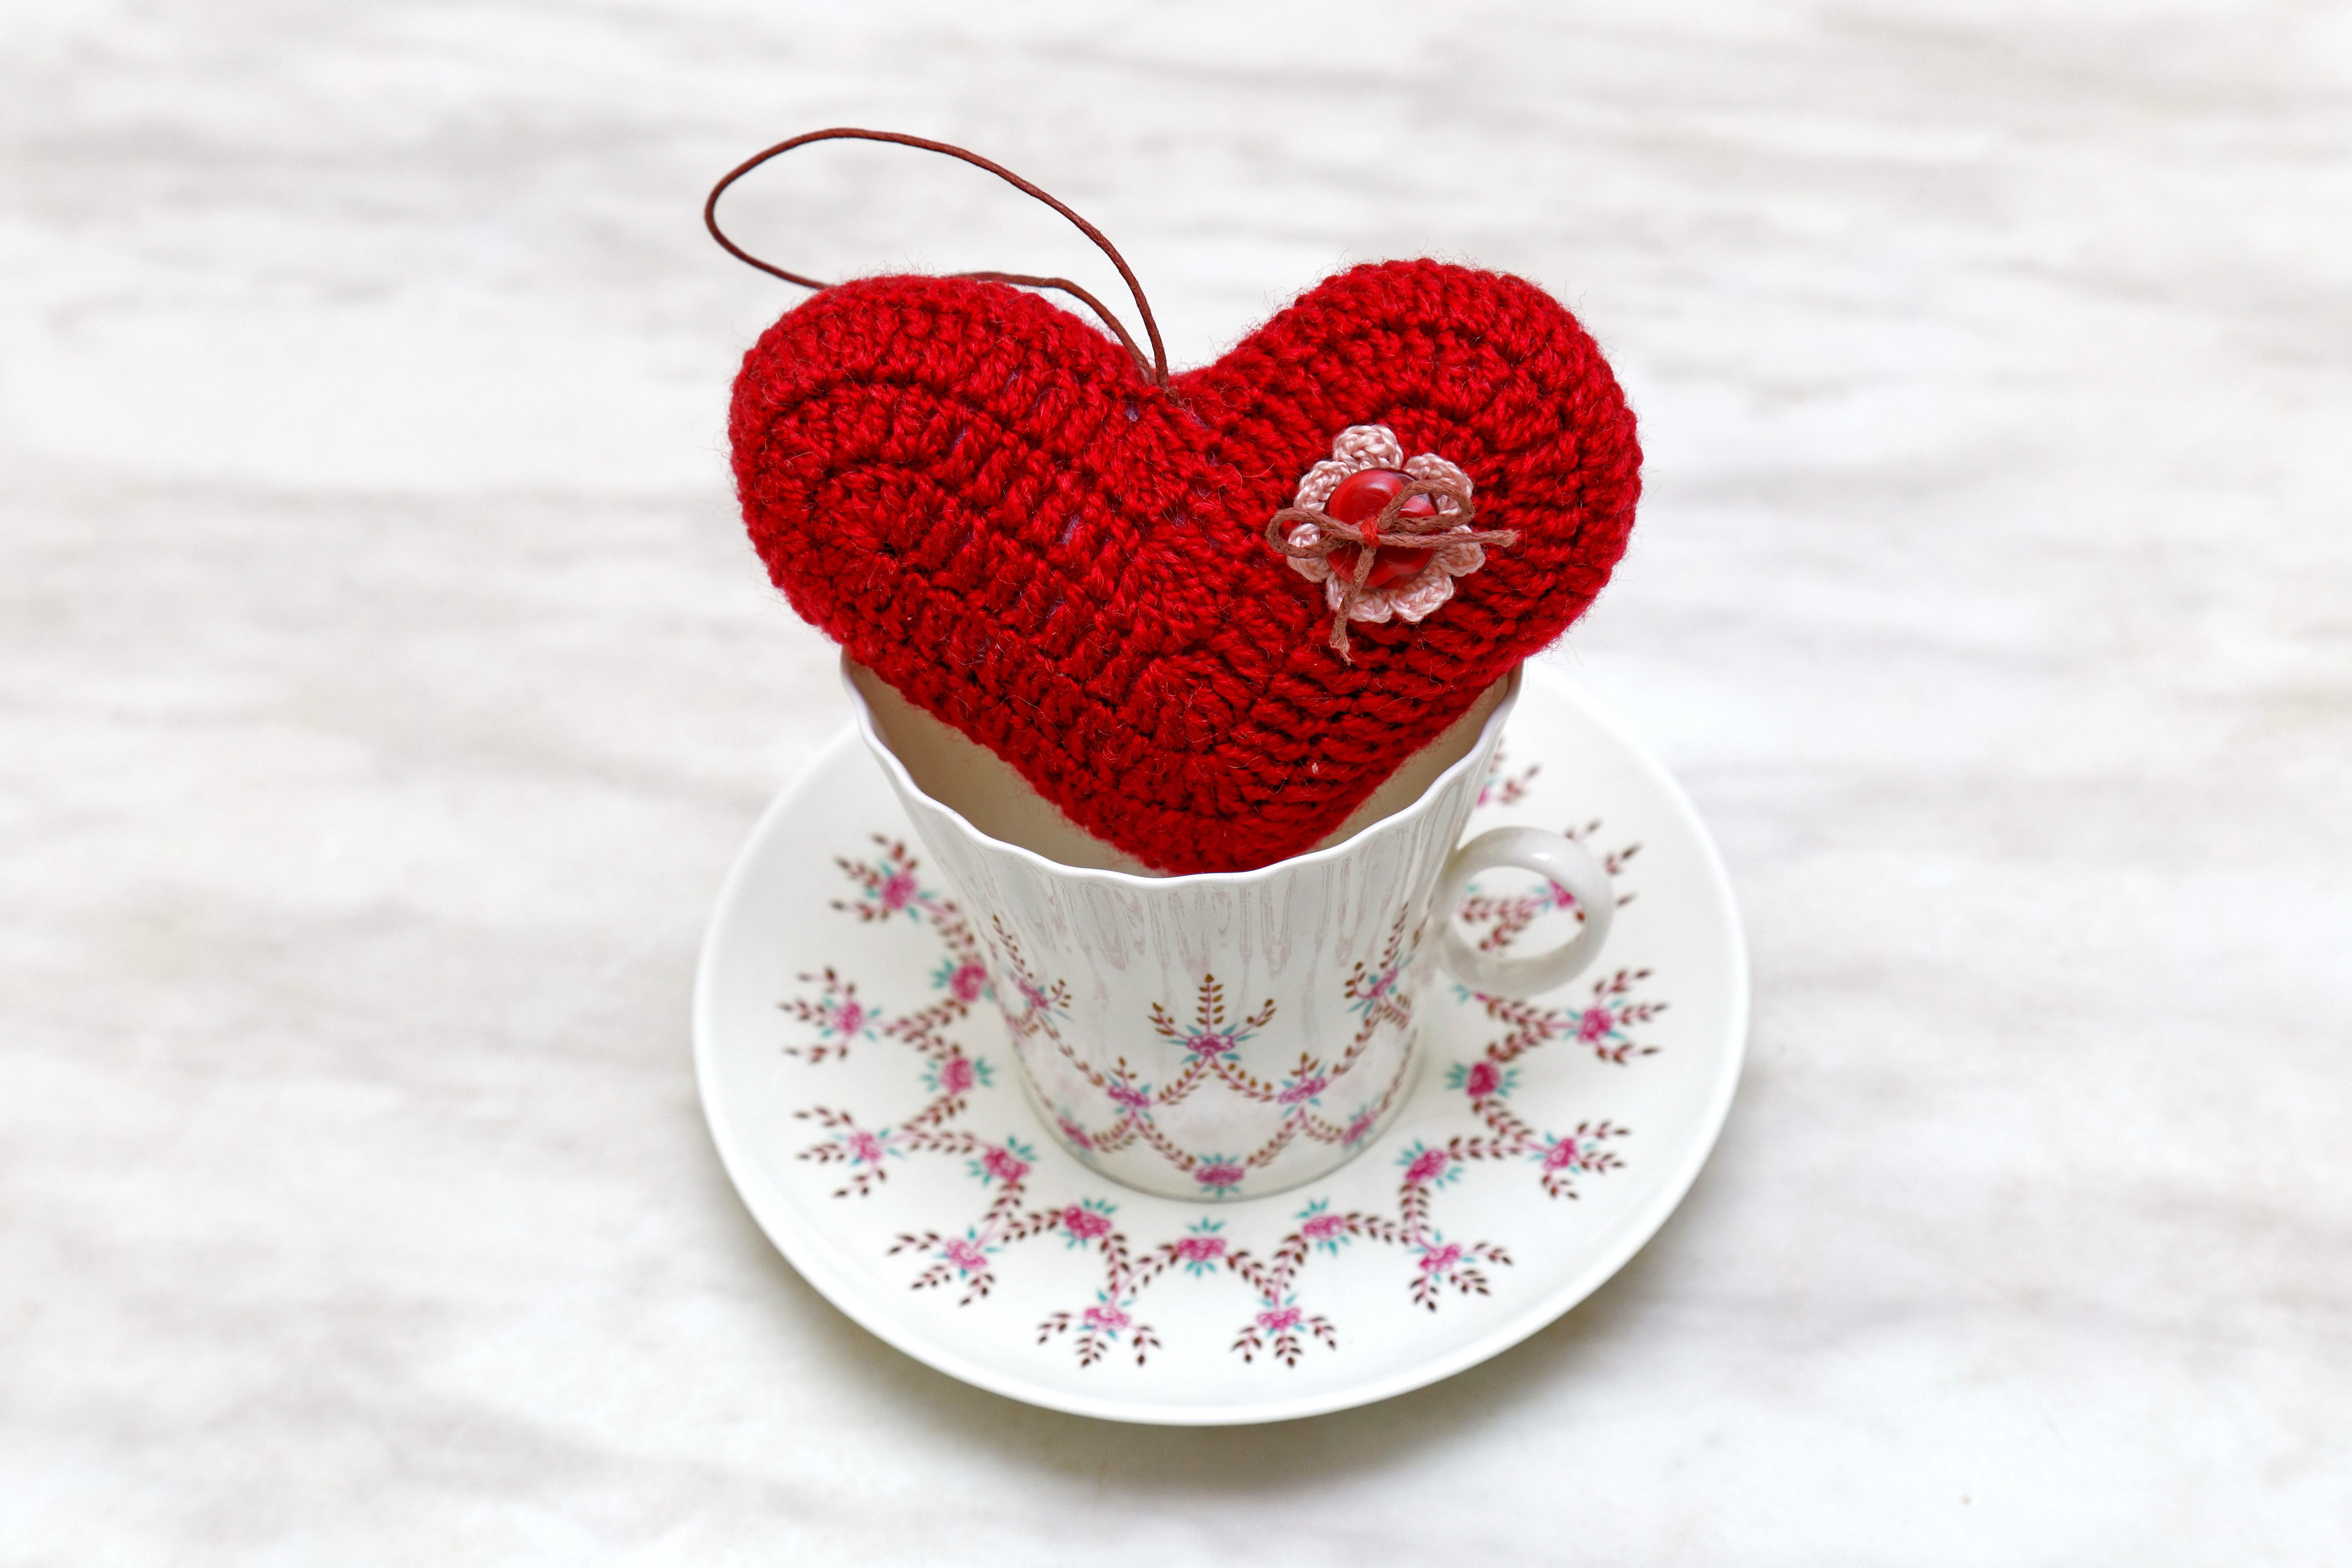 сердце чашка heart Cup скачать